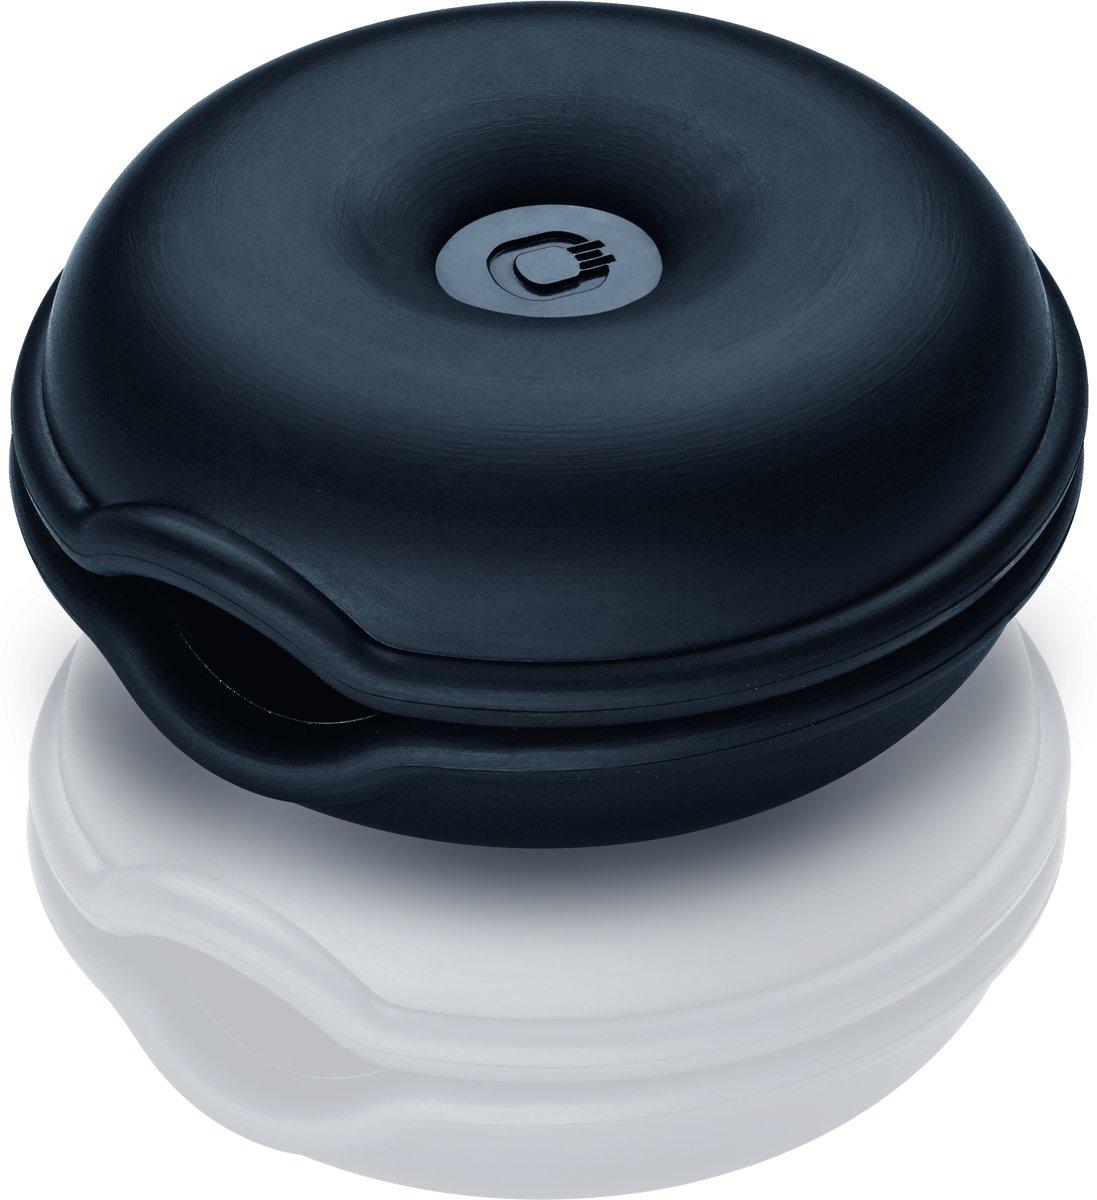 OEHLBACH Easy Case Siliconencase voor in-ear-hoofdtelefoonkabel diameter 4,5 cm zwart kopen